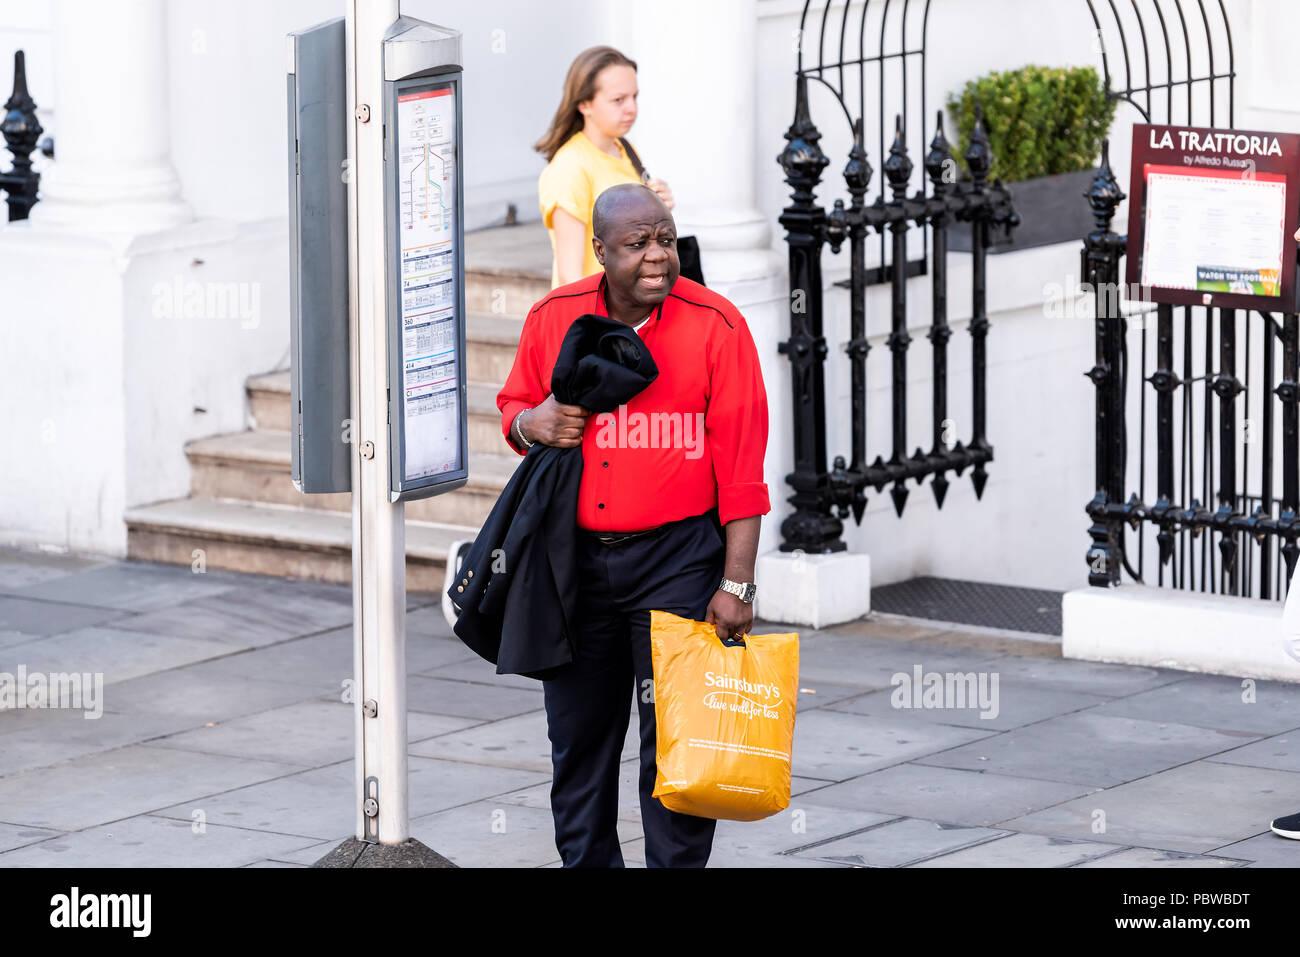 Londres, Royaume-Uni - 22 juin 2018 Quartier: quartier de Kensington sud homme portant des sacs d'épicerie Sainsbury's en attente de cross street, arrêt de bus Photo Stock